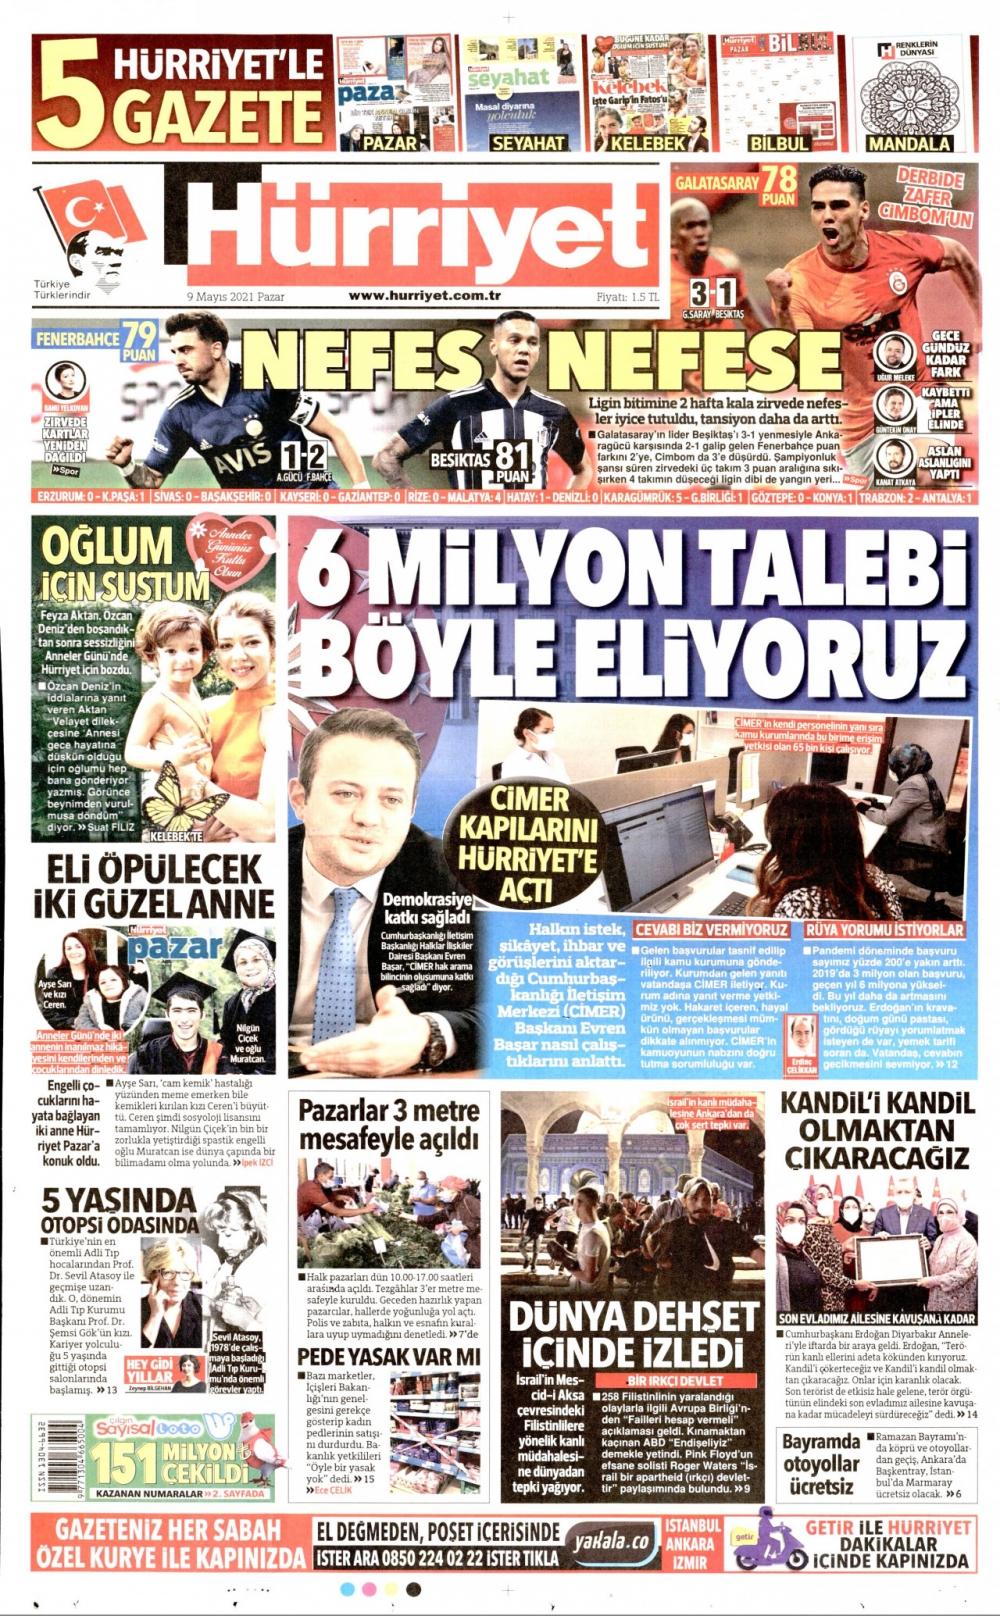 Günün Gazete Manşetleri 9 Mayıs 2021 Gazeteler Ne Diyor? 1